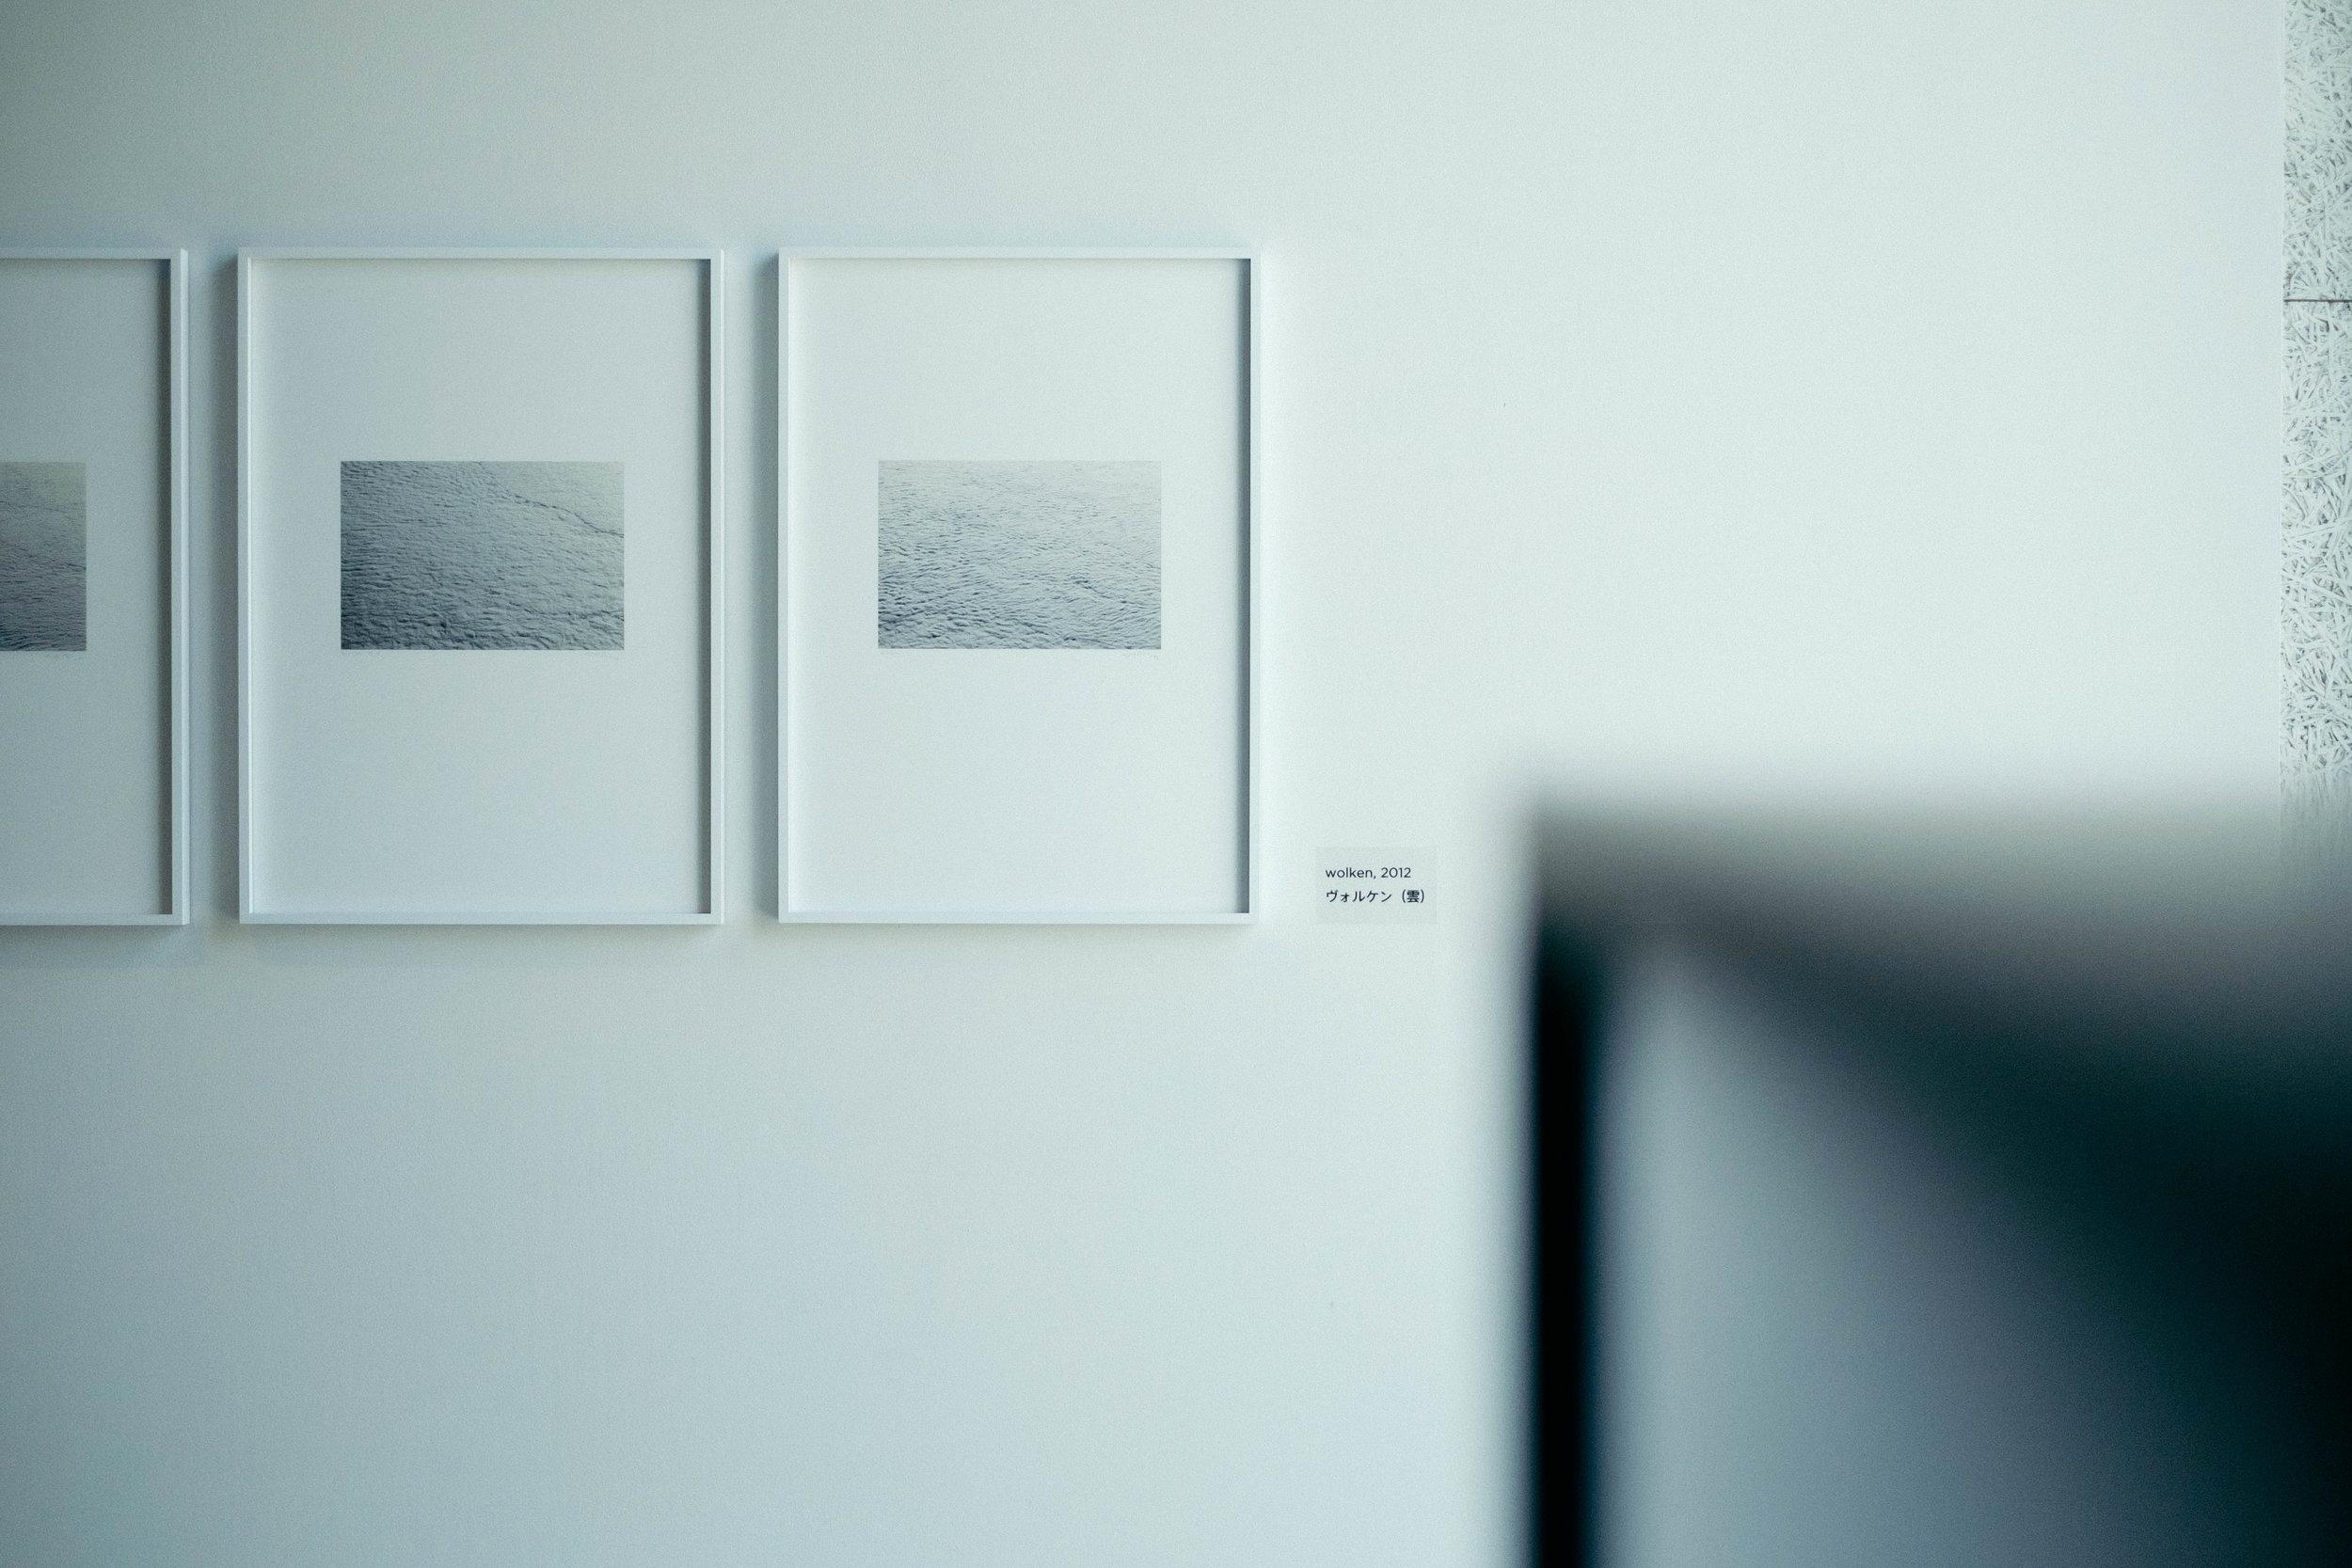 ヴォルケン(雲)- 2012 / Carsten Nicolai